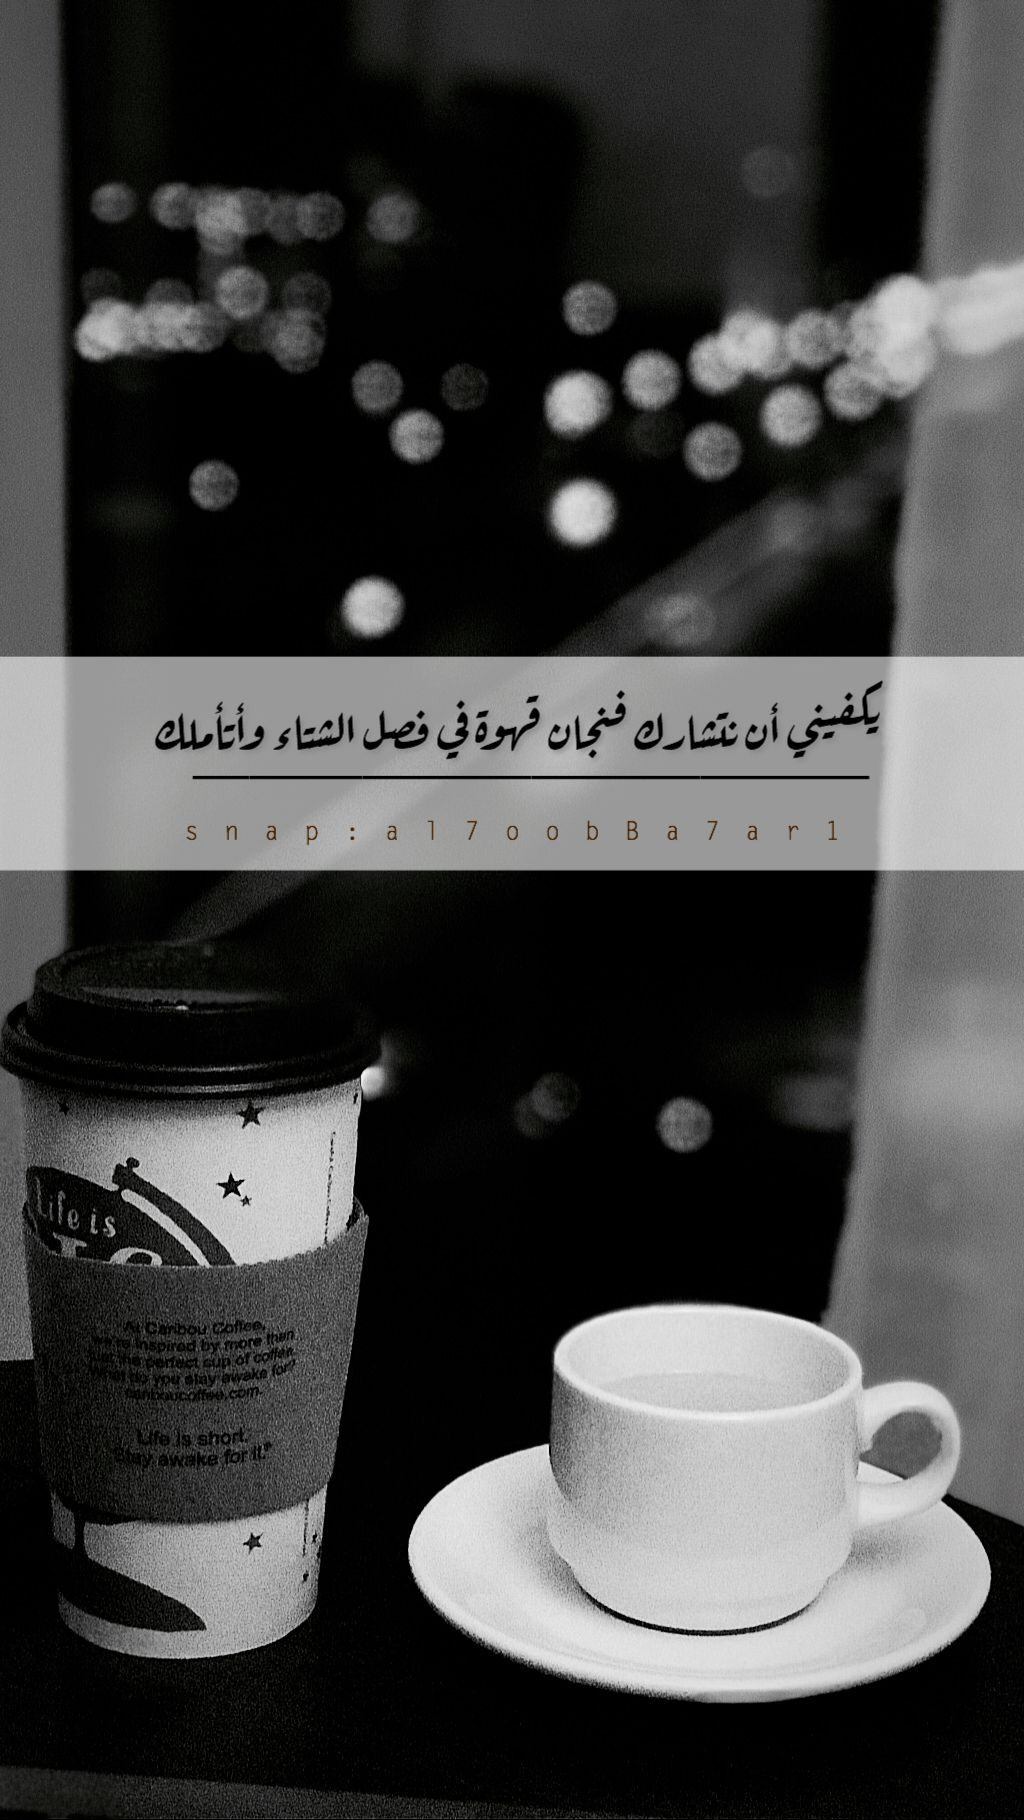 همسه يكفيني أن نتشارك فنجان قهوة في فصل الشتاء وأتأملك تصويري تصويري سناب عزل بورتريه ايفون٧بلس تصميمي تصم Coffee Coffee Tea Anime Scenery